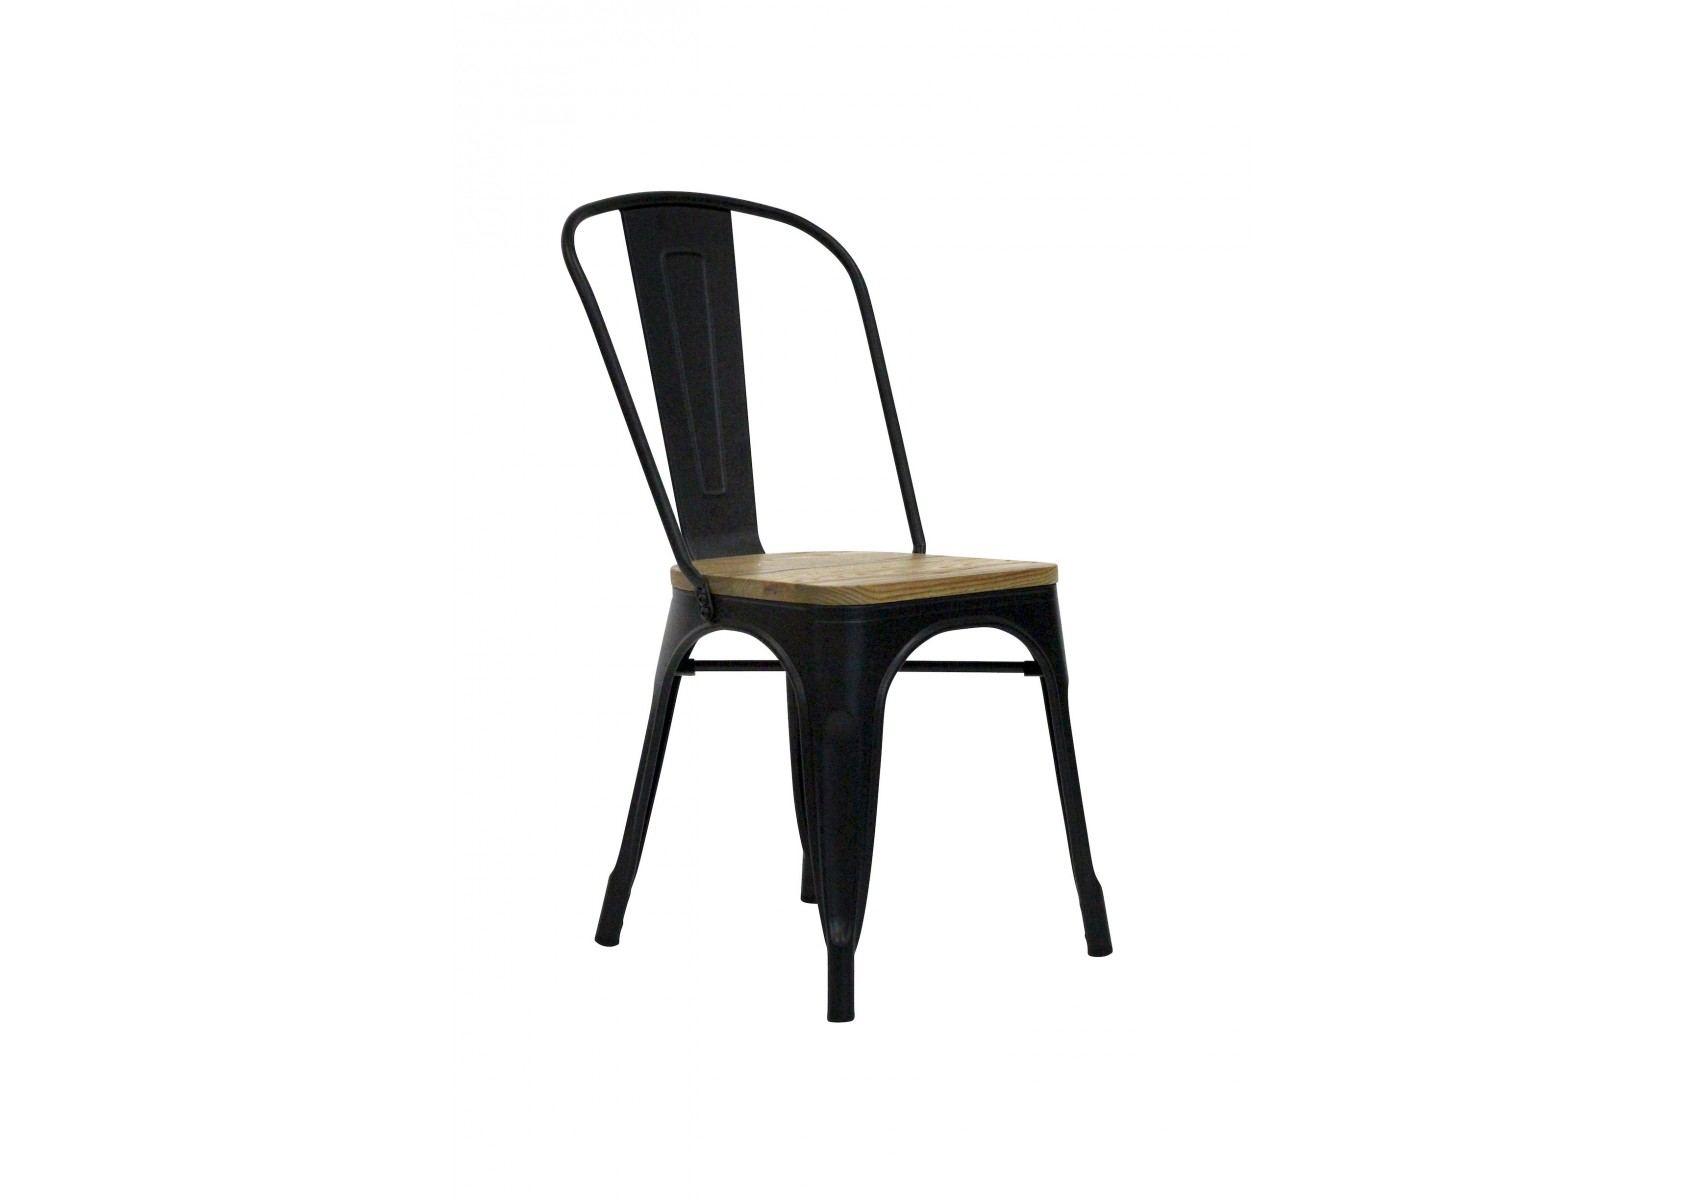 chaise industrielle m tal noir et bois tucker redcartel. Black Bedroom Furniture Sets. Home Design Ideas